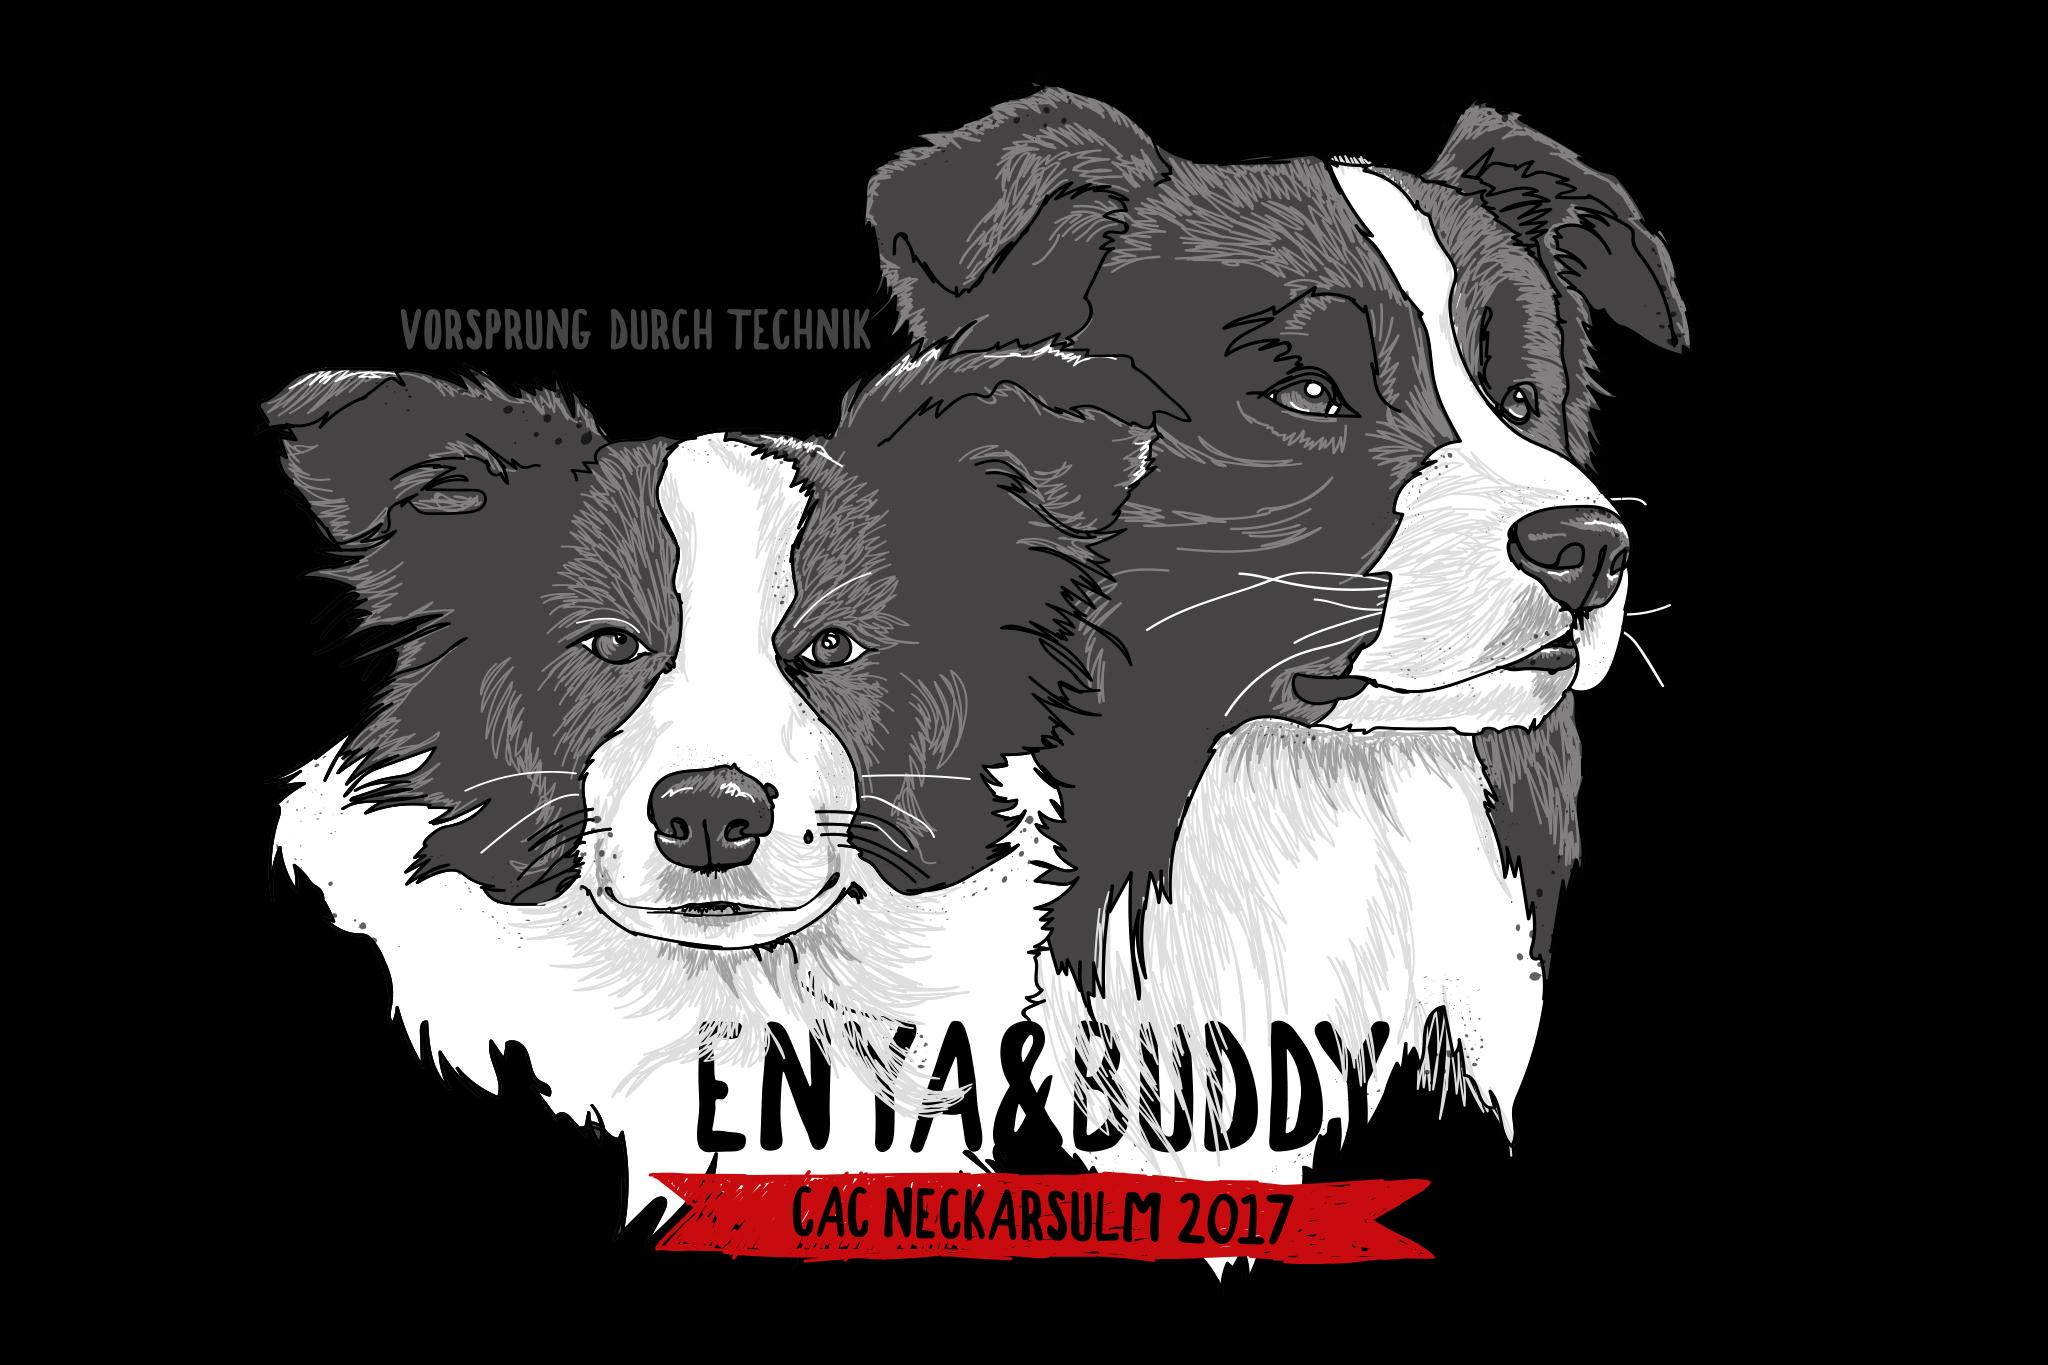 10|09|2017 – Enya und Buddy auf der CAC Neckersulm